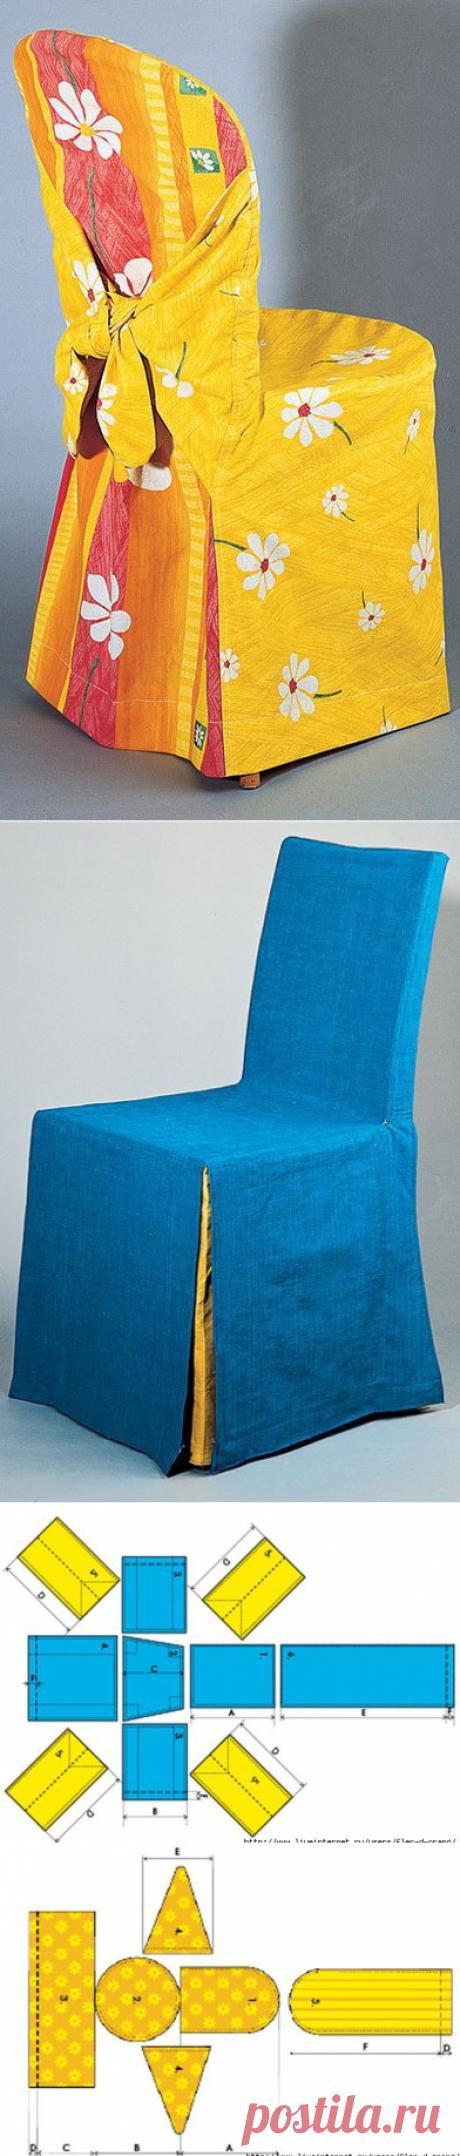 Выкройки чехлов на стулья / Простые выкройки / ВТОРАЯ УЛИЦА